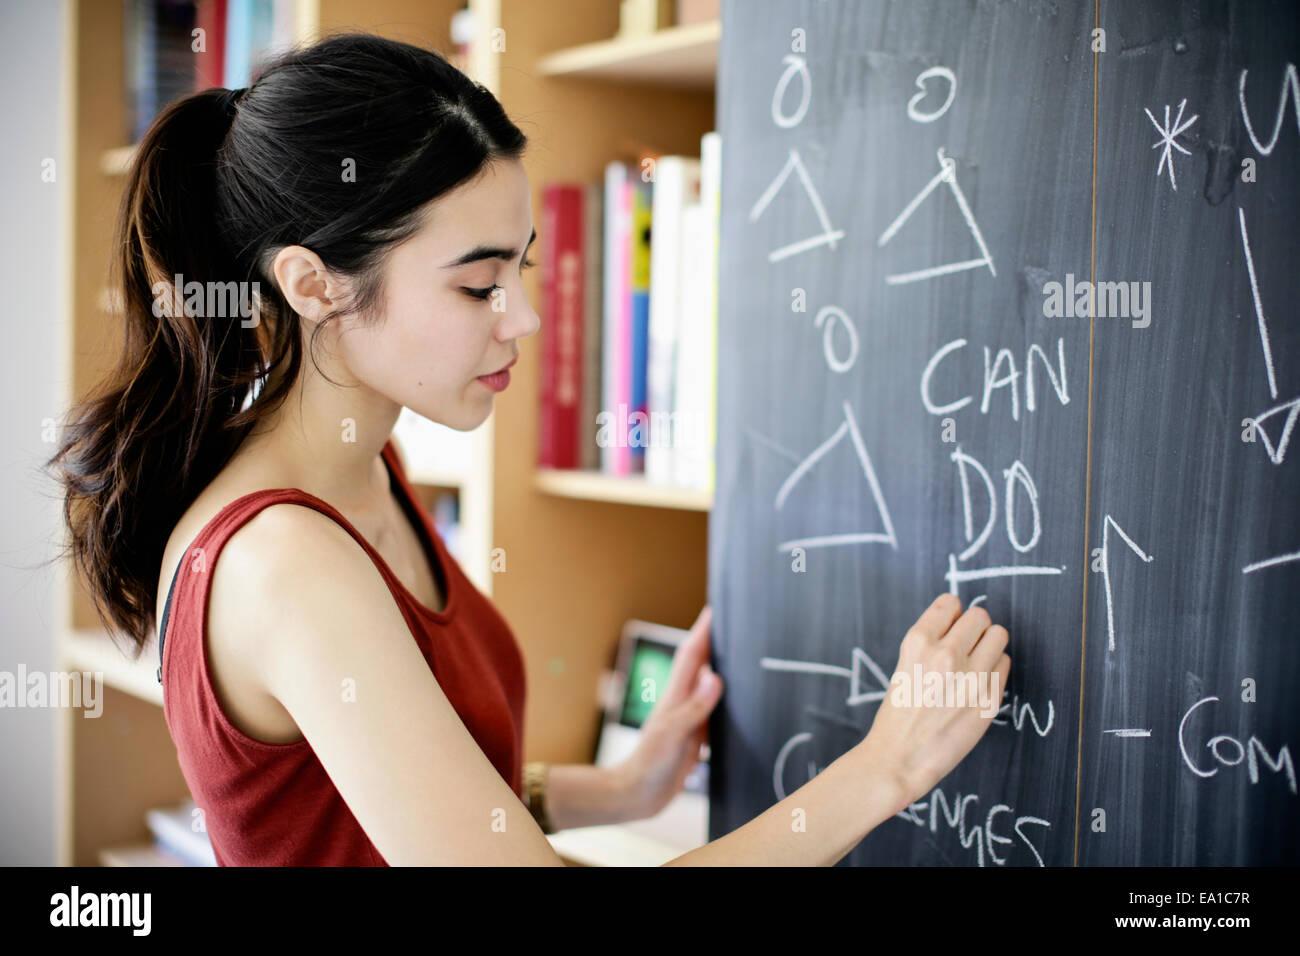 Frau an Tafel schreiben Stockbild